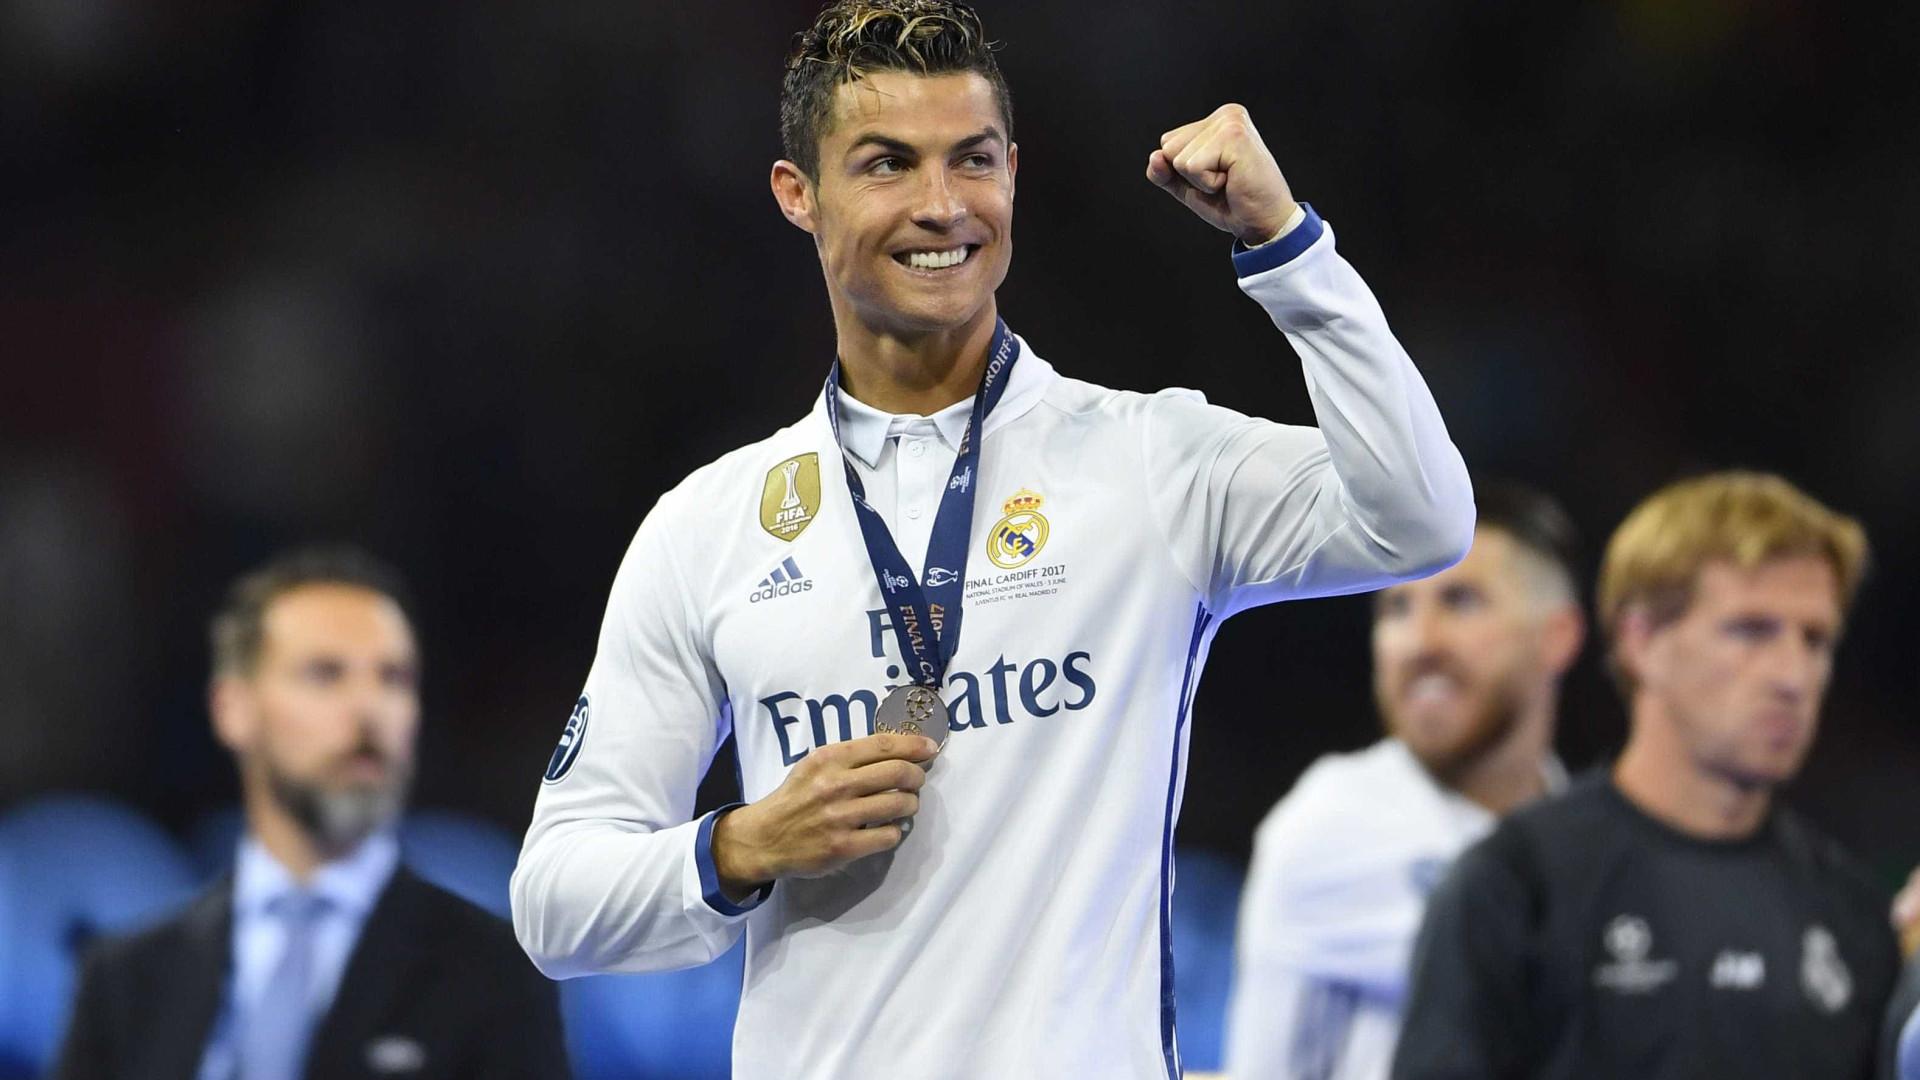 Clube alemão faz proposta por Ronaldo, oferecendo... cerveja ilimitada